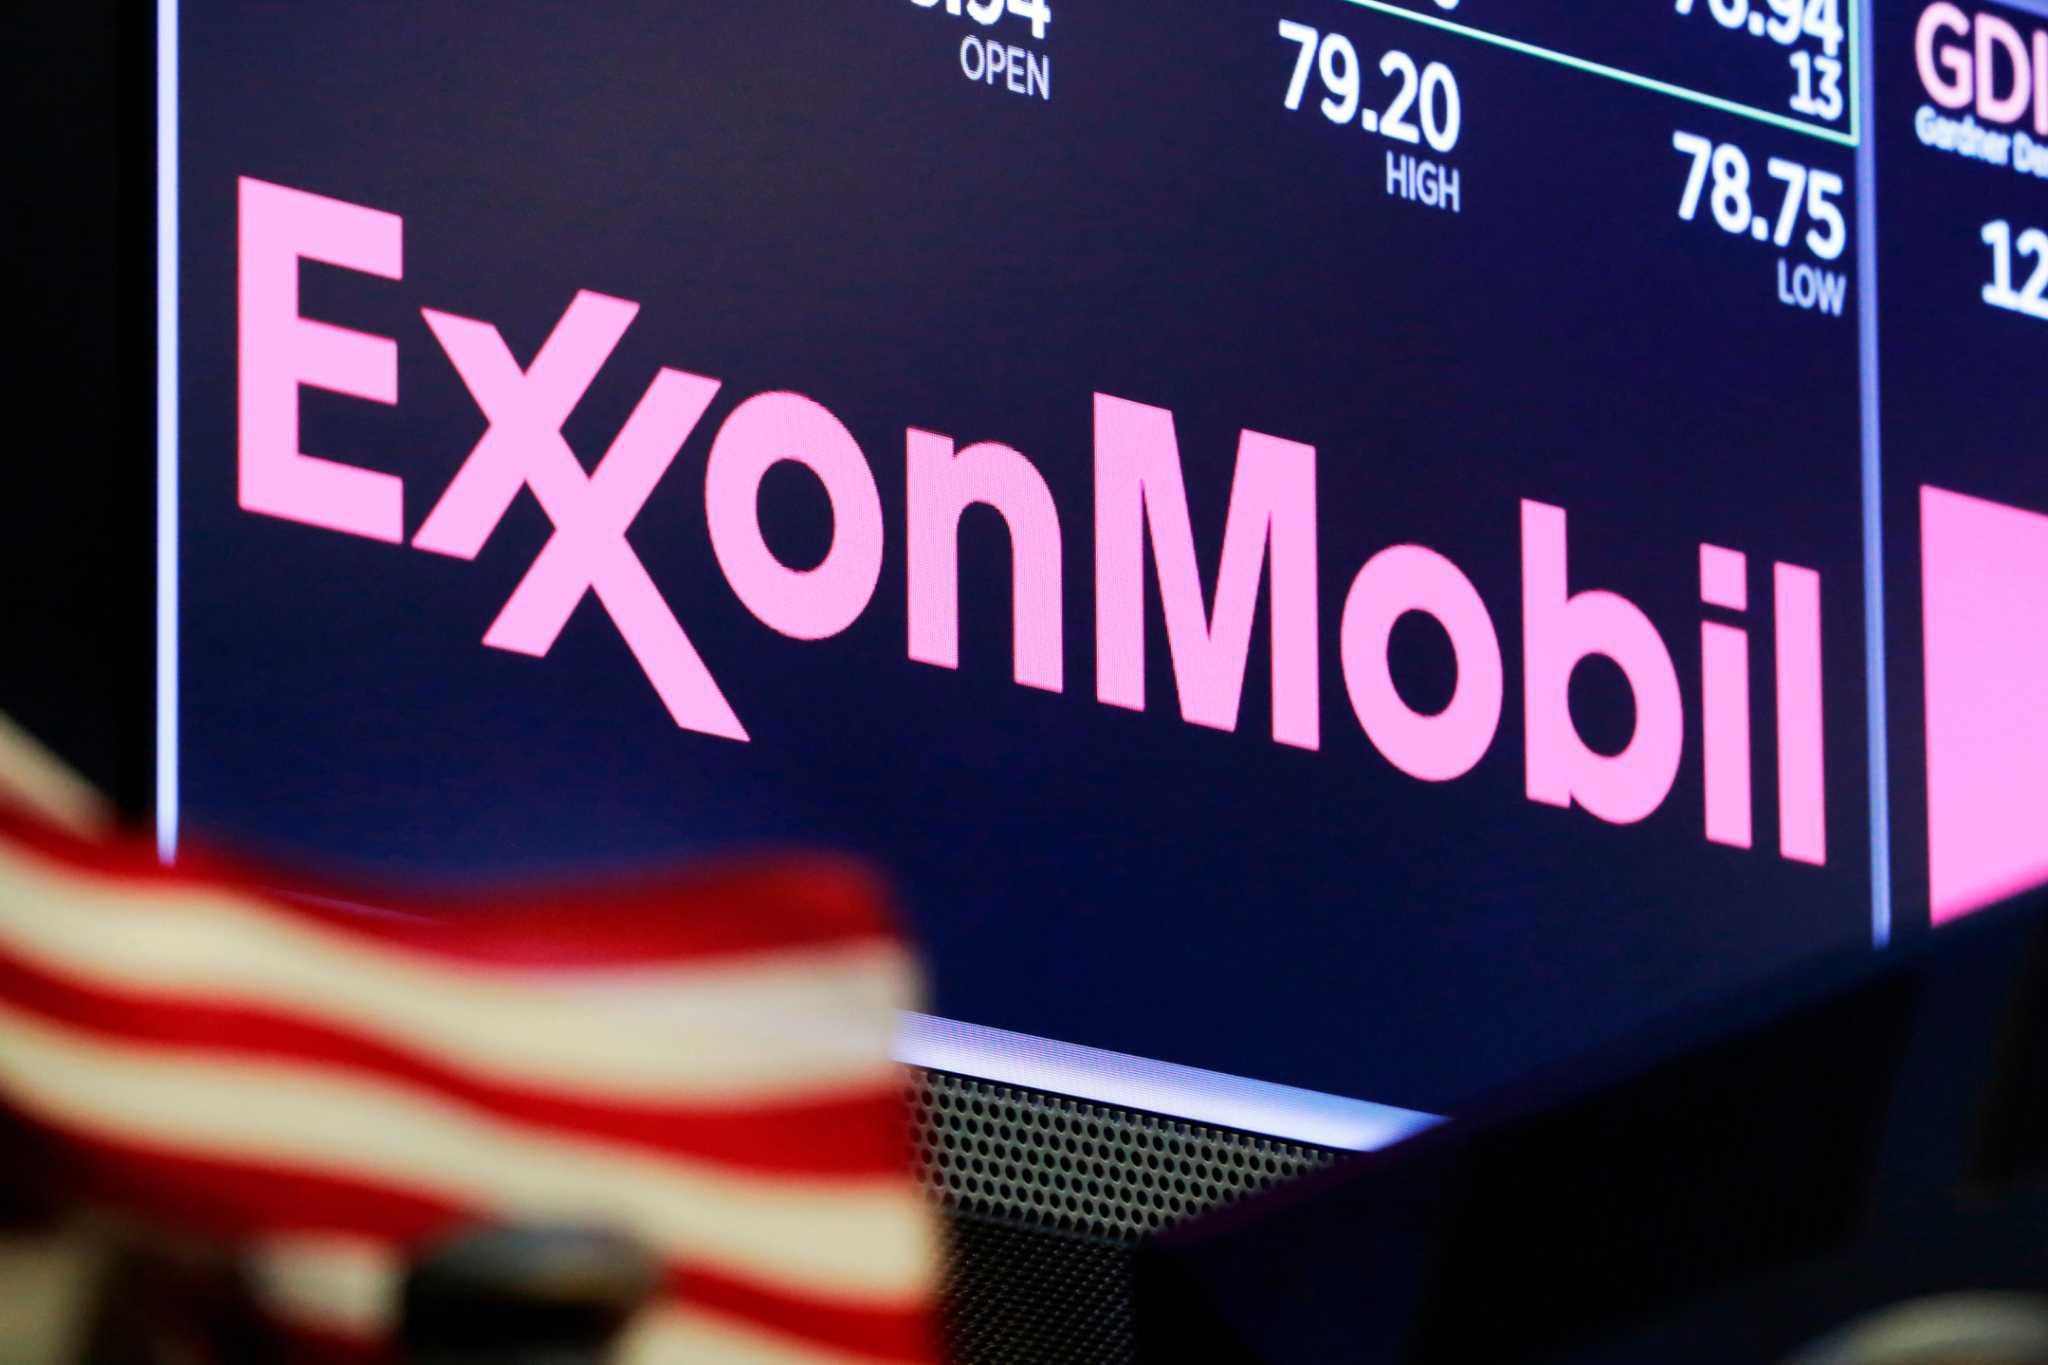 Exxon Mobil expands carbon capture venture